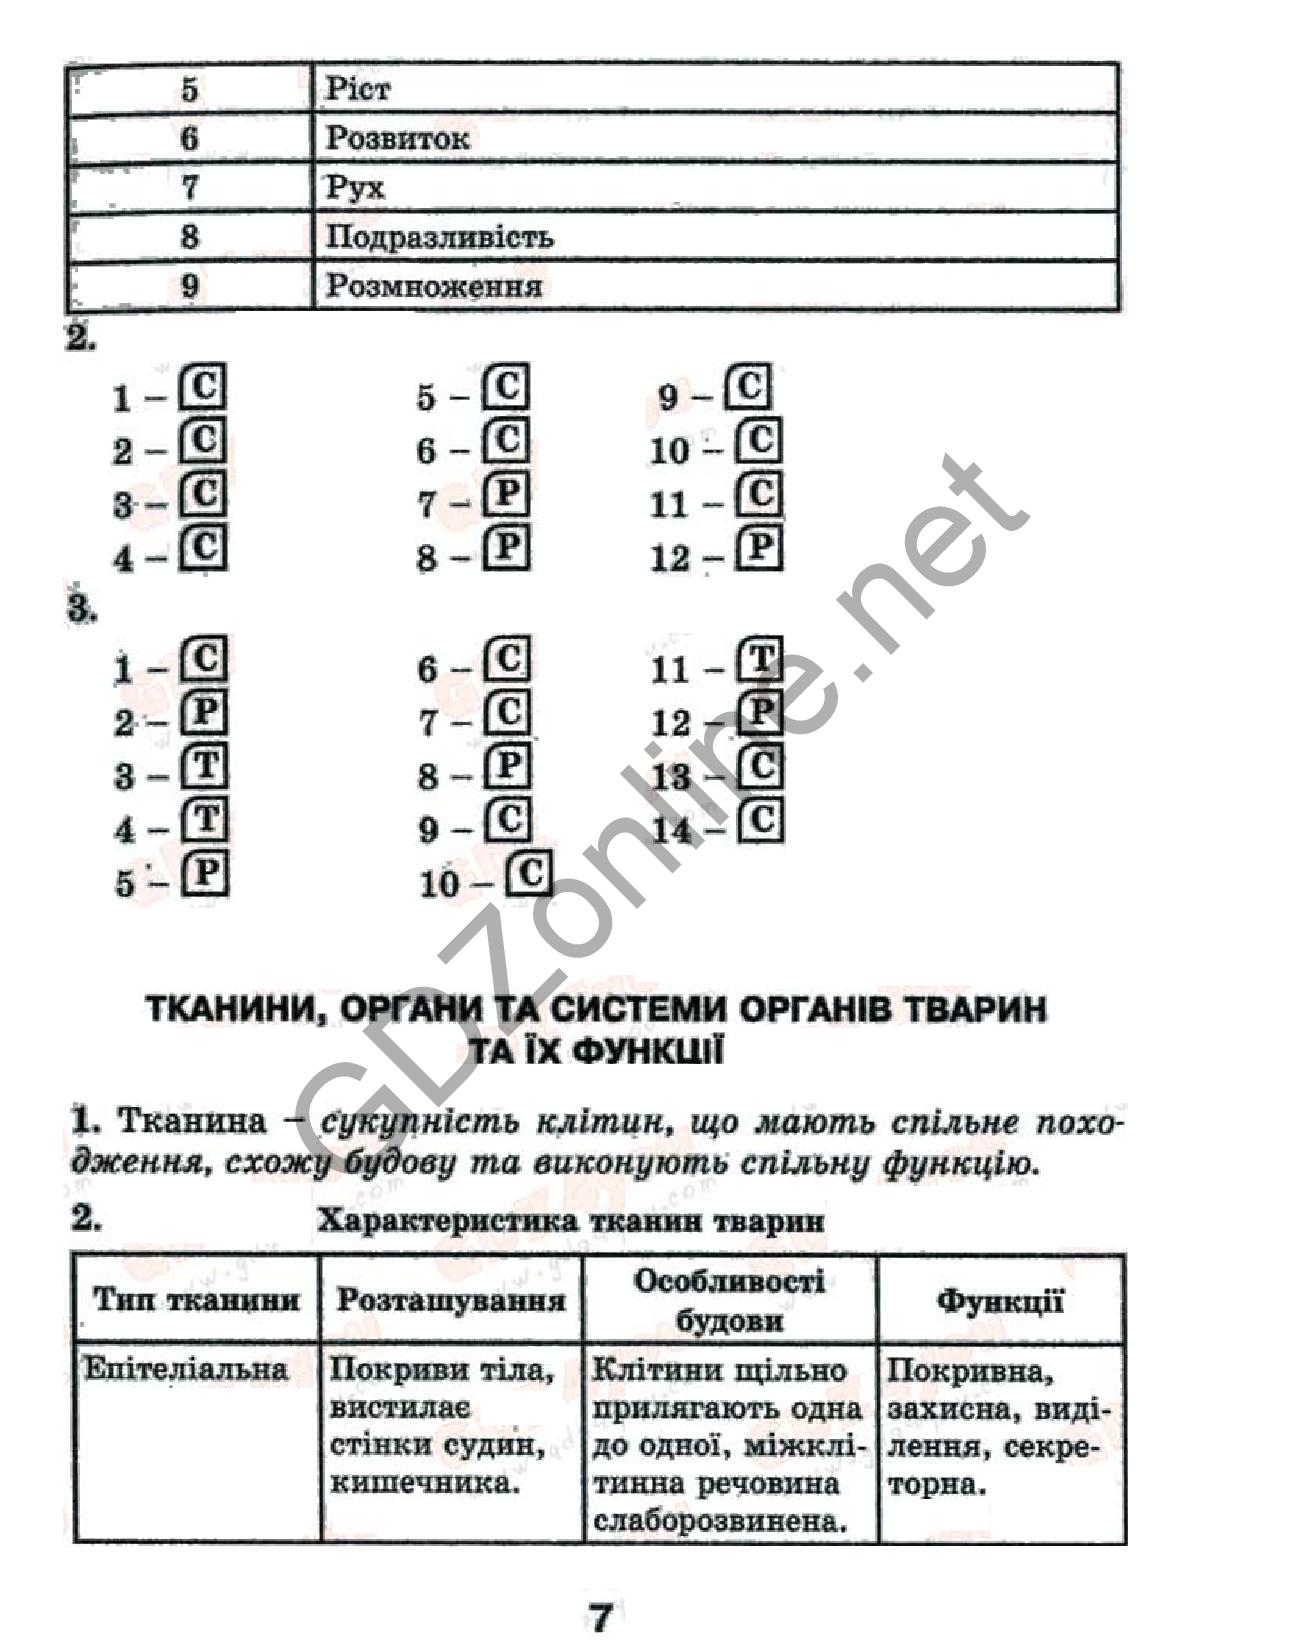 гдз по біології 10 клас тагліна по тестам